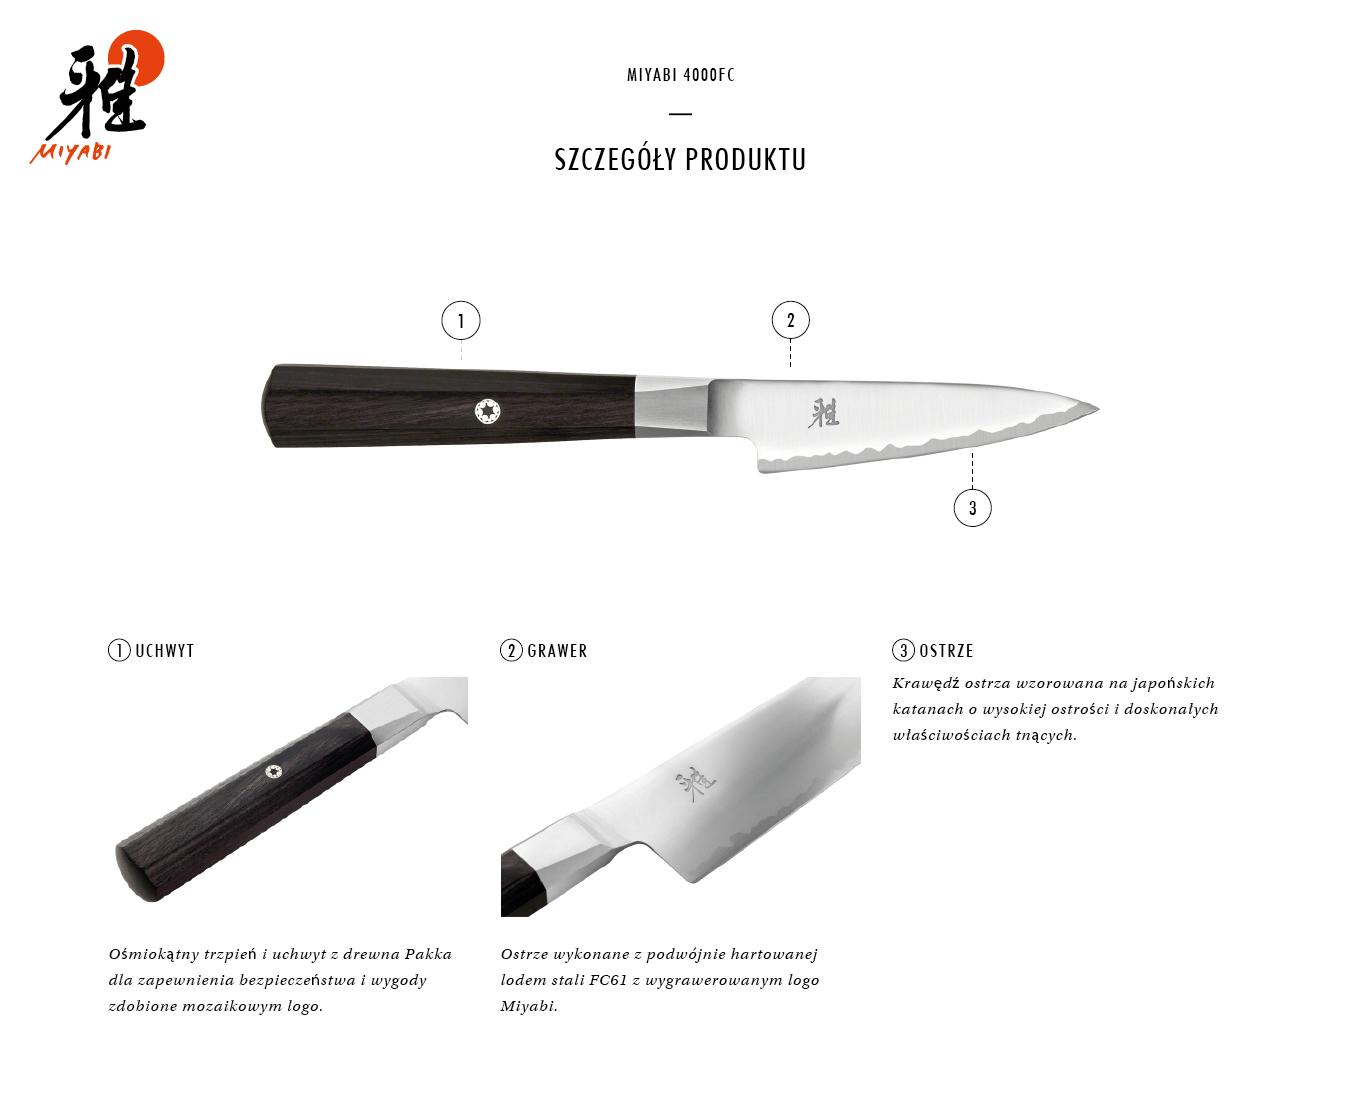 Dlaczego warto kupić nóż Kudamono Miyabi 4000FC?